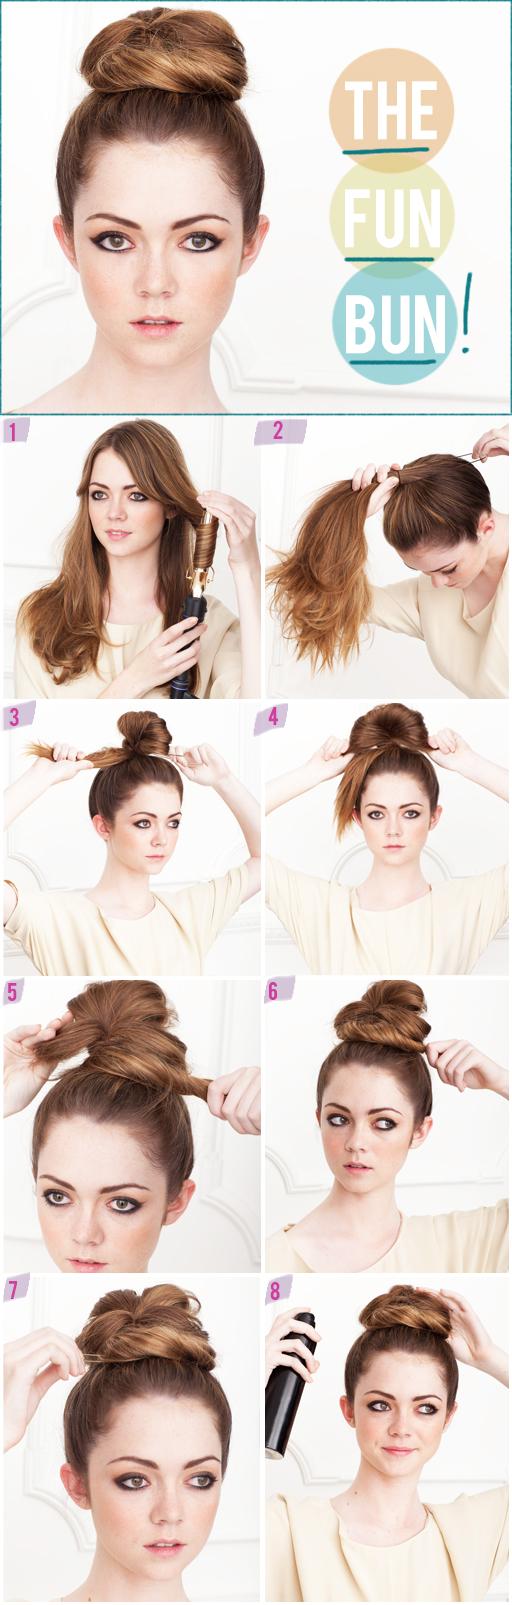 how to do twist hairstyles : High Bun With Bangs Tumblr A top knot slash high bun